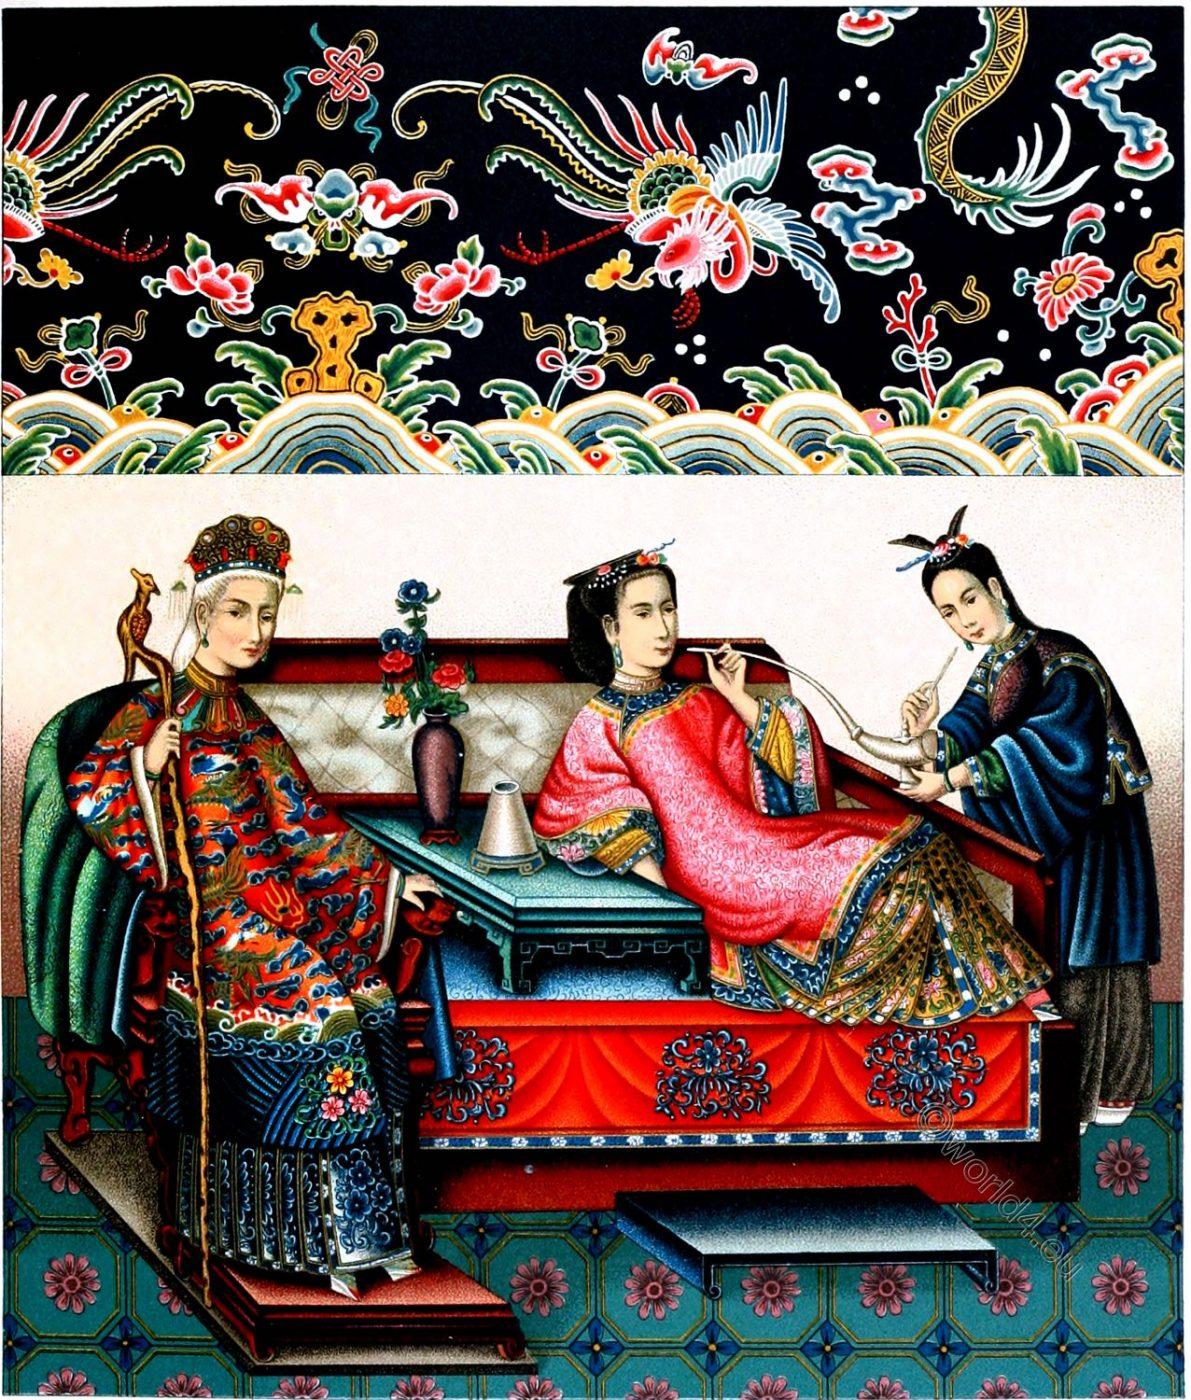 China, empress, concubine, costume, culture